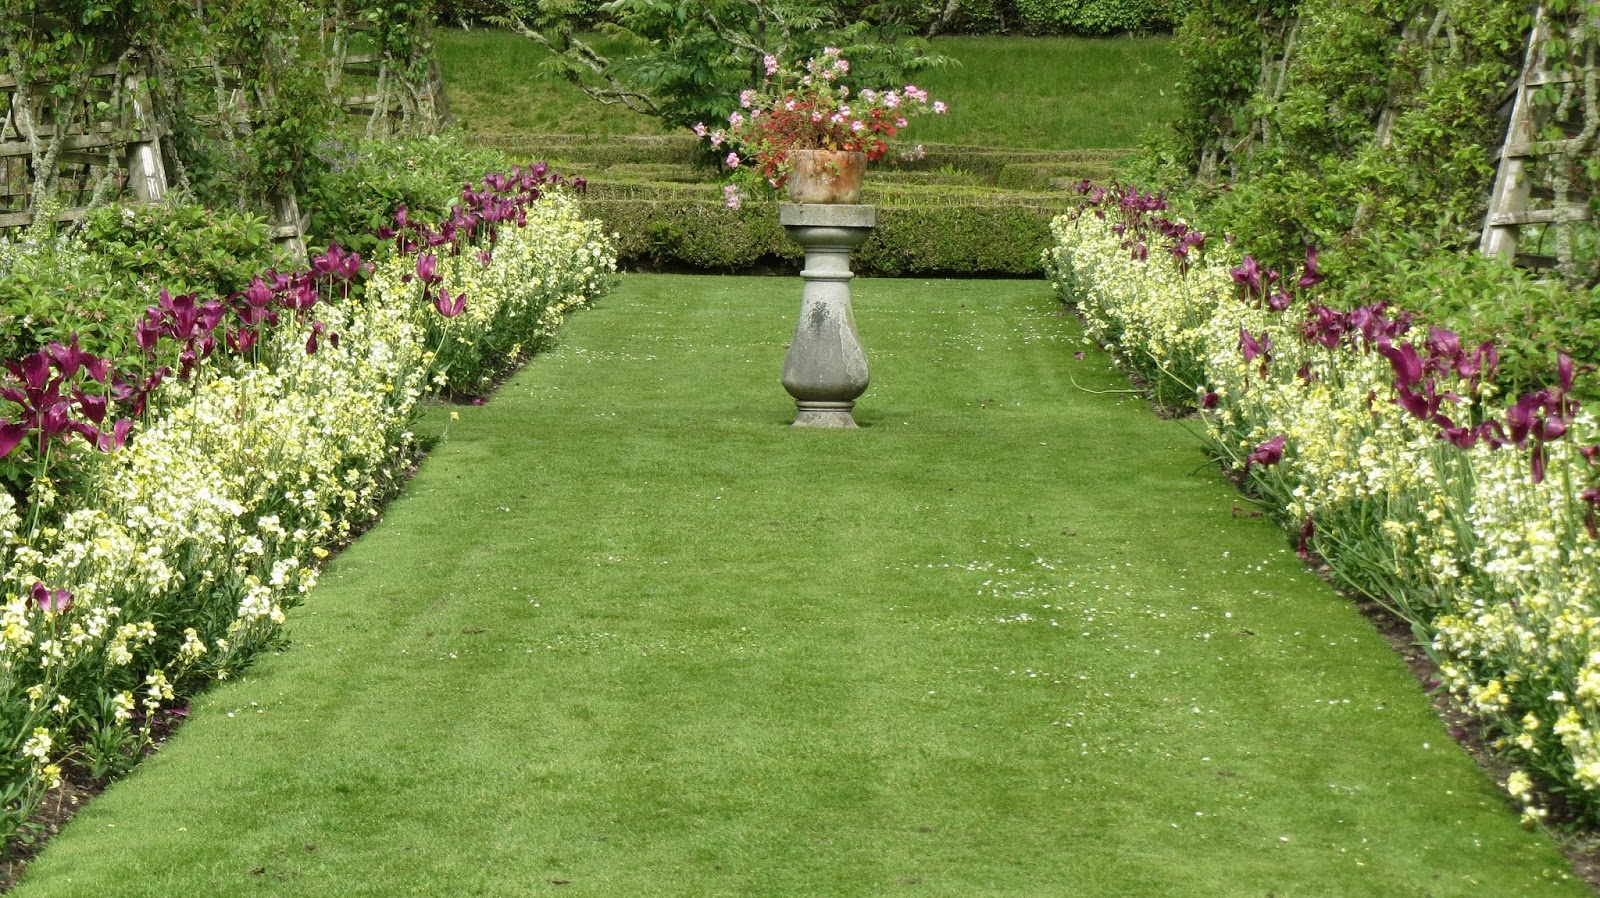 hortibus voyage vmf 71 chateaux et jardins prives d 39 ecosse. Black Bedroom Furniture Sets. Home Design Ideas